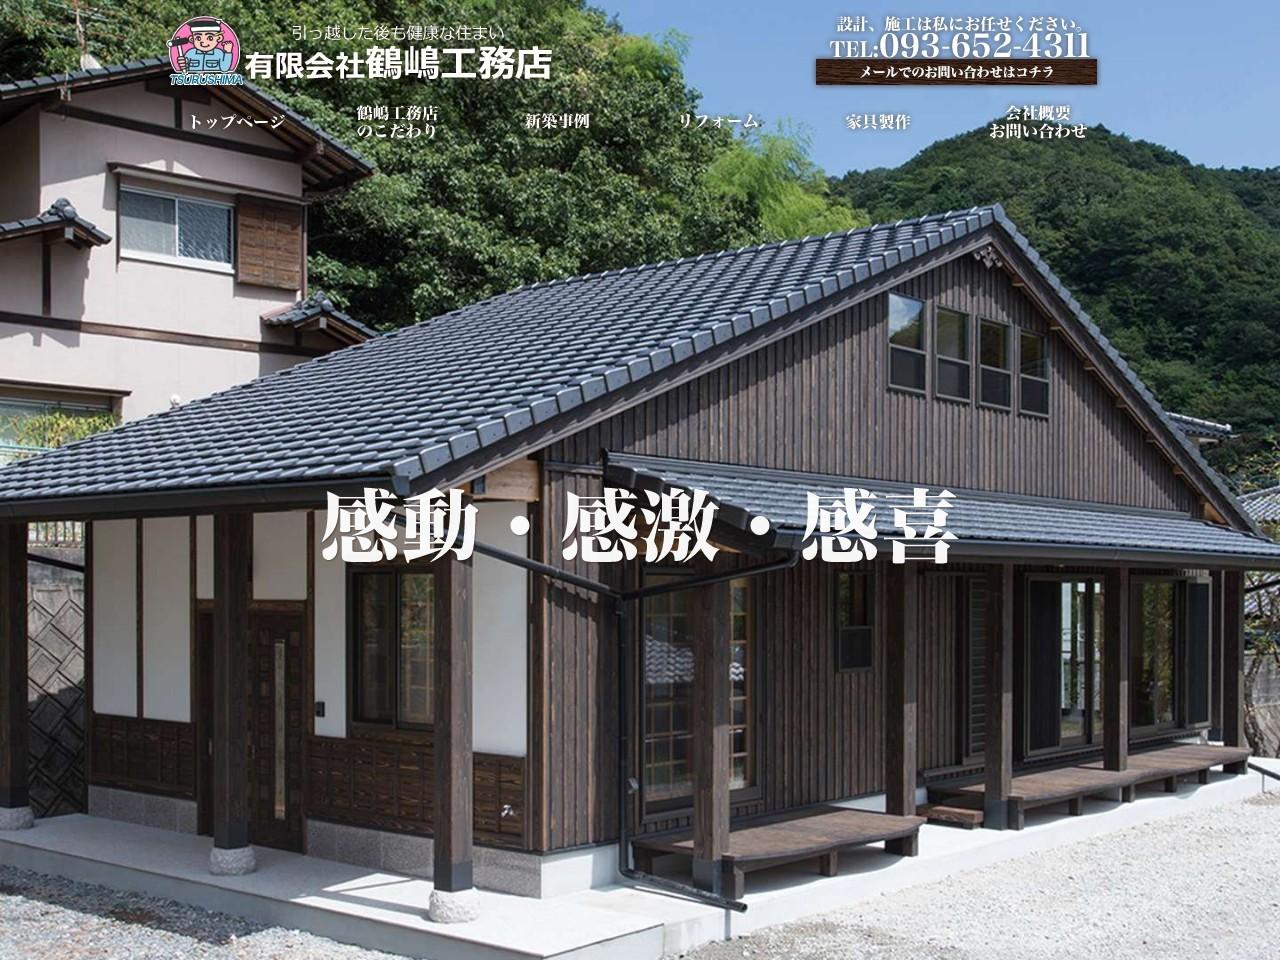 有限会社鶴嶋工務店一級建築士事務所